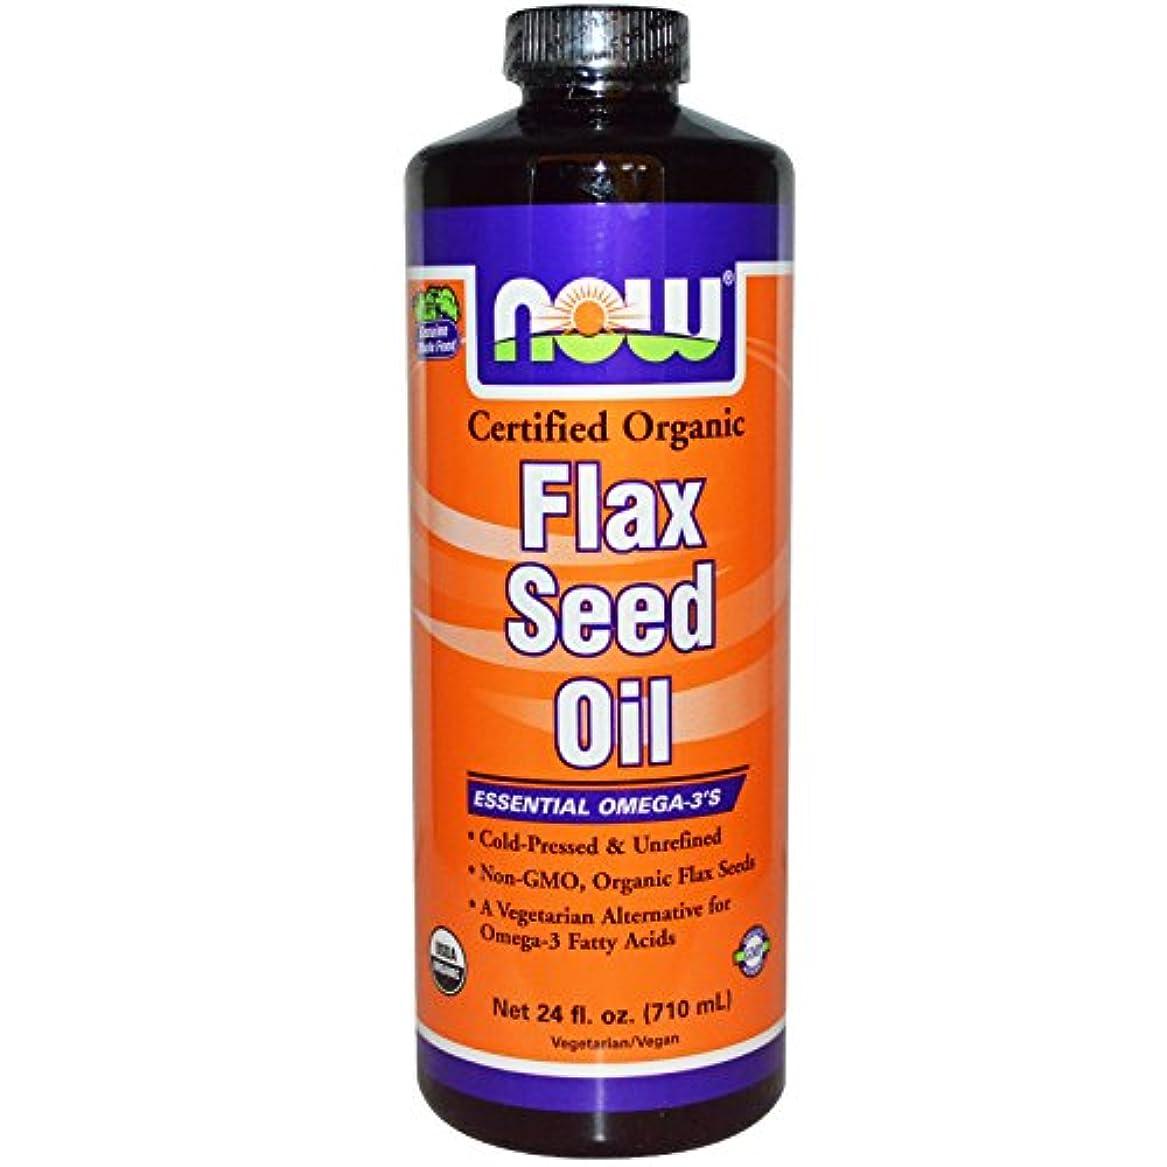 繰り返すトリッキー問い合わせFlax Seed Oil (Certified Organic) 24